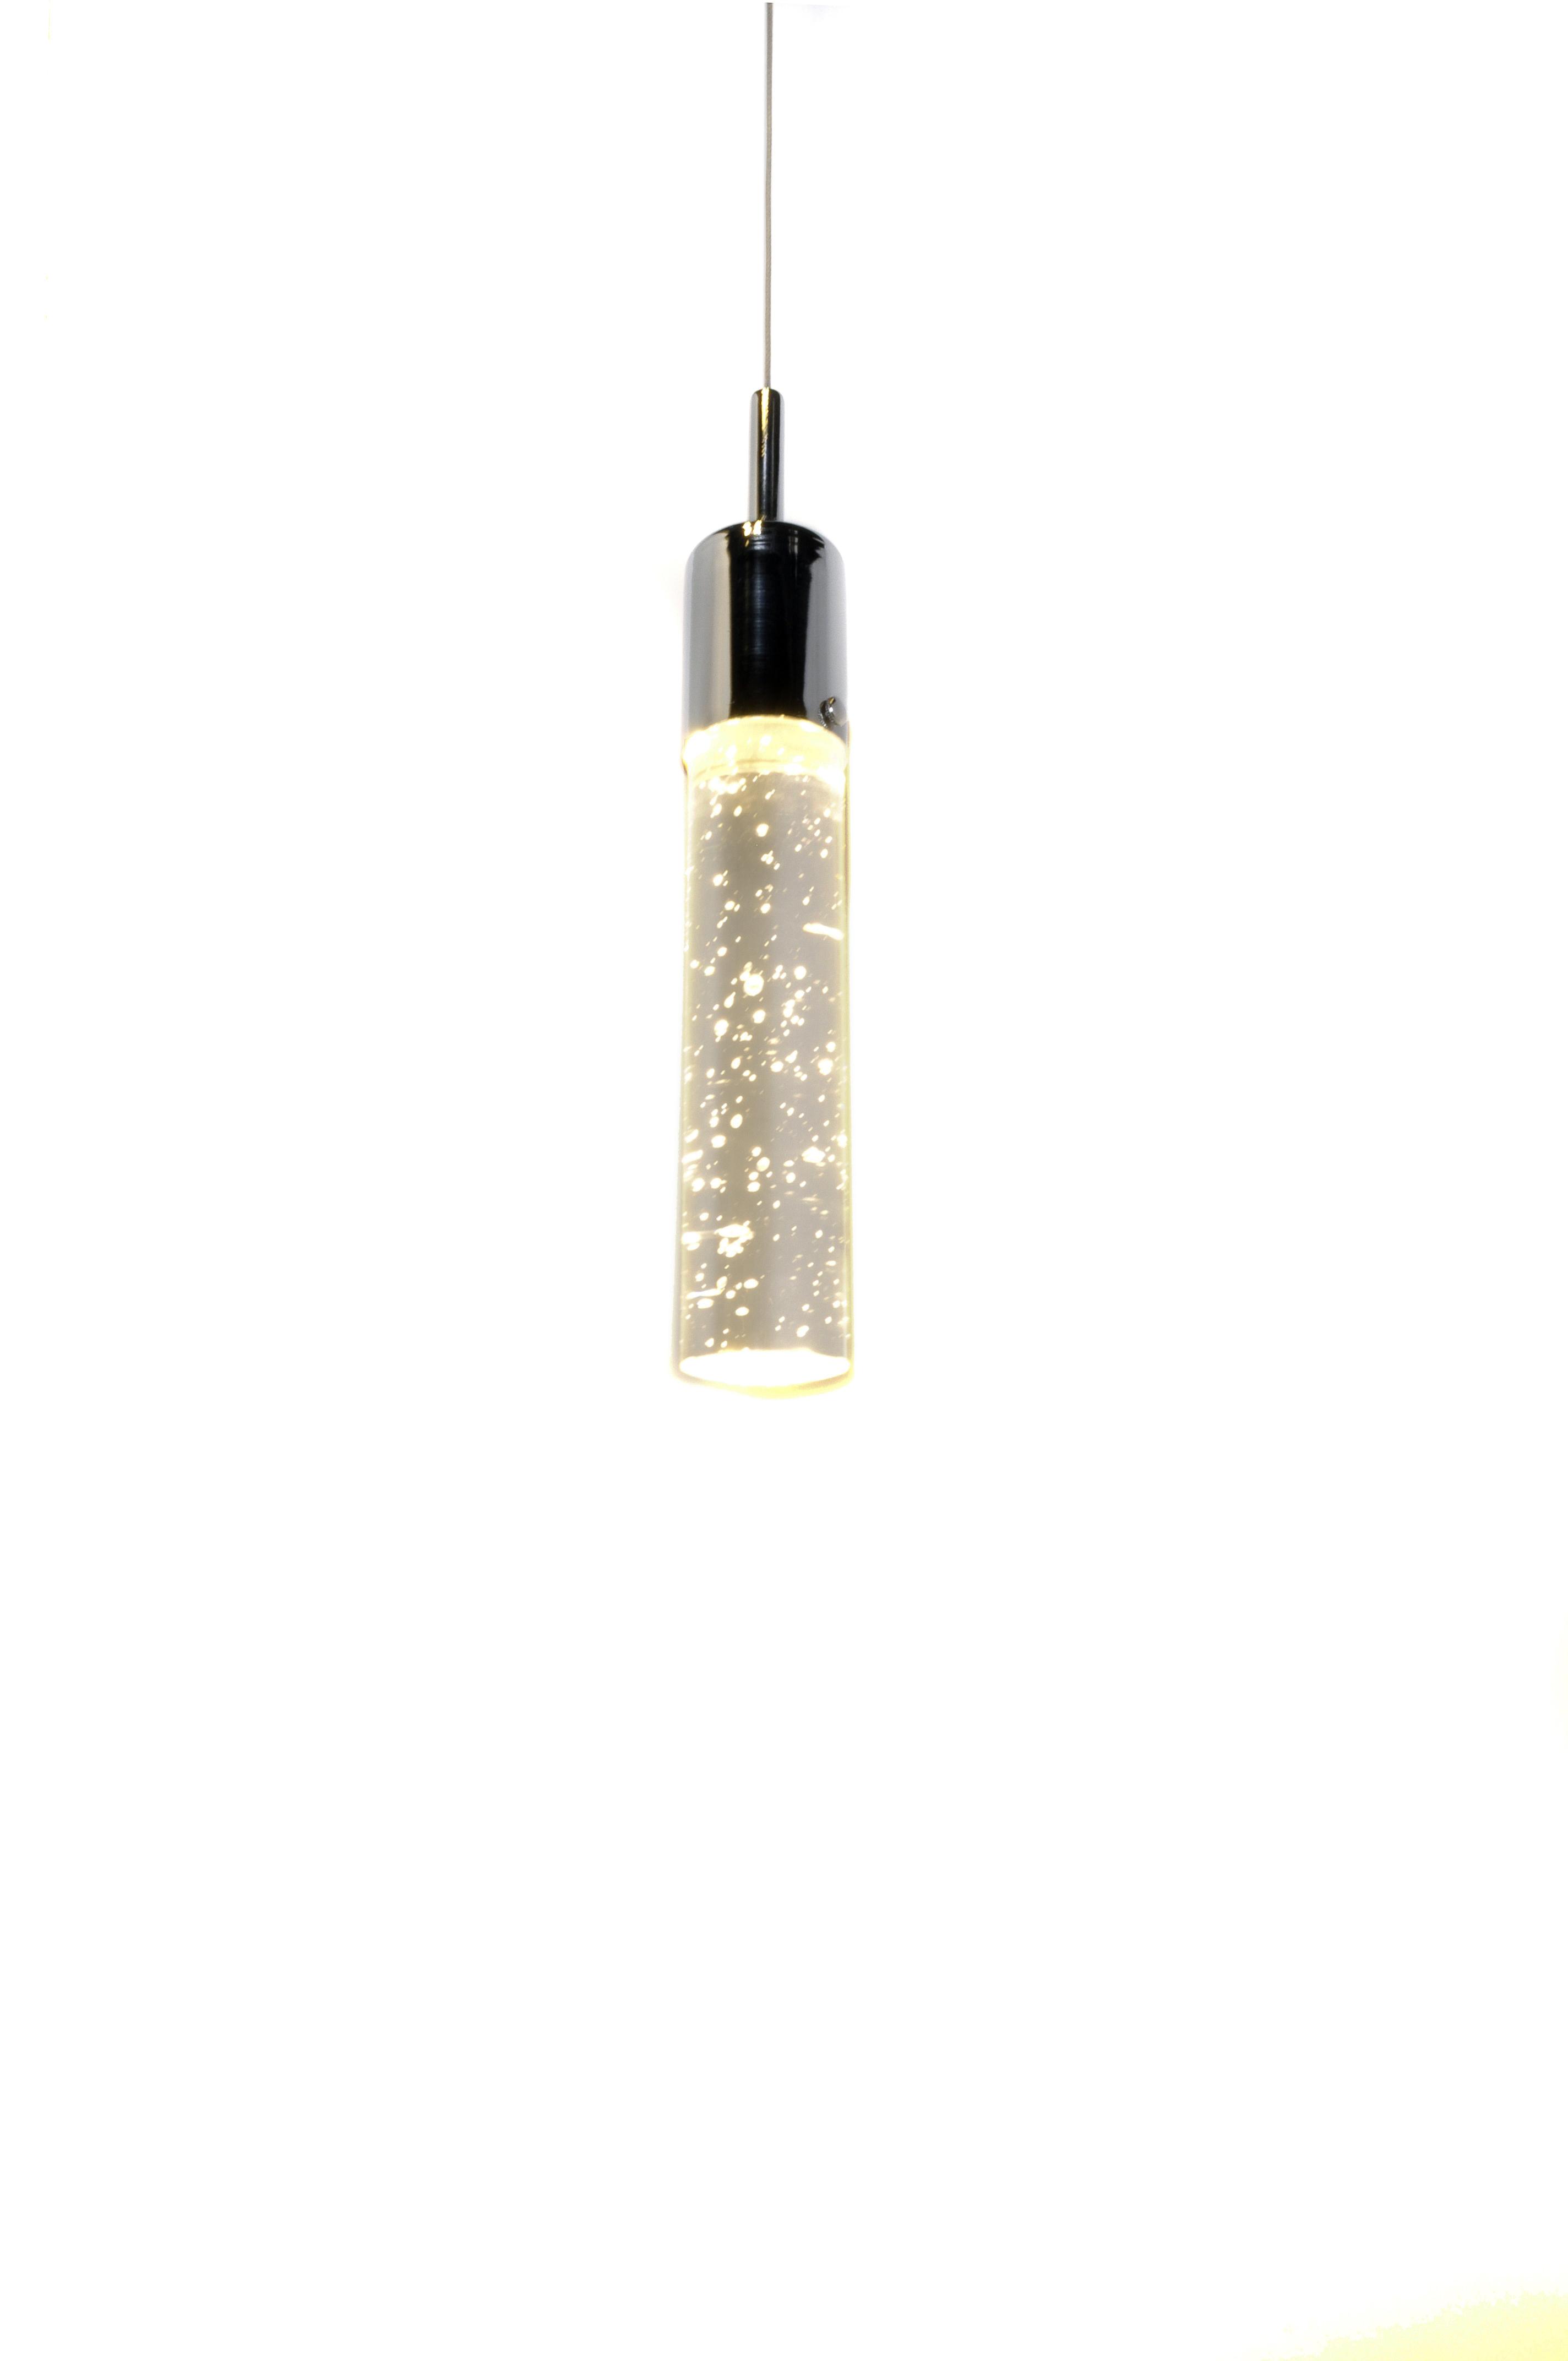 Fizz Iv 1 Light Led Pendant